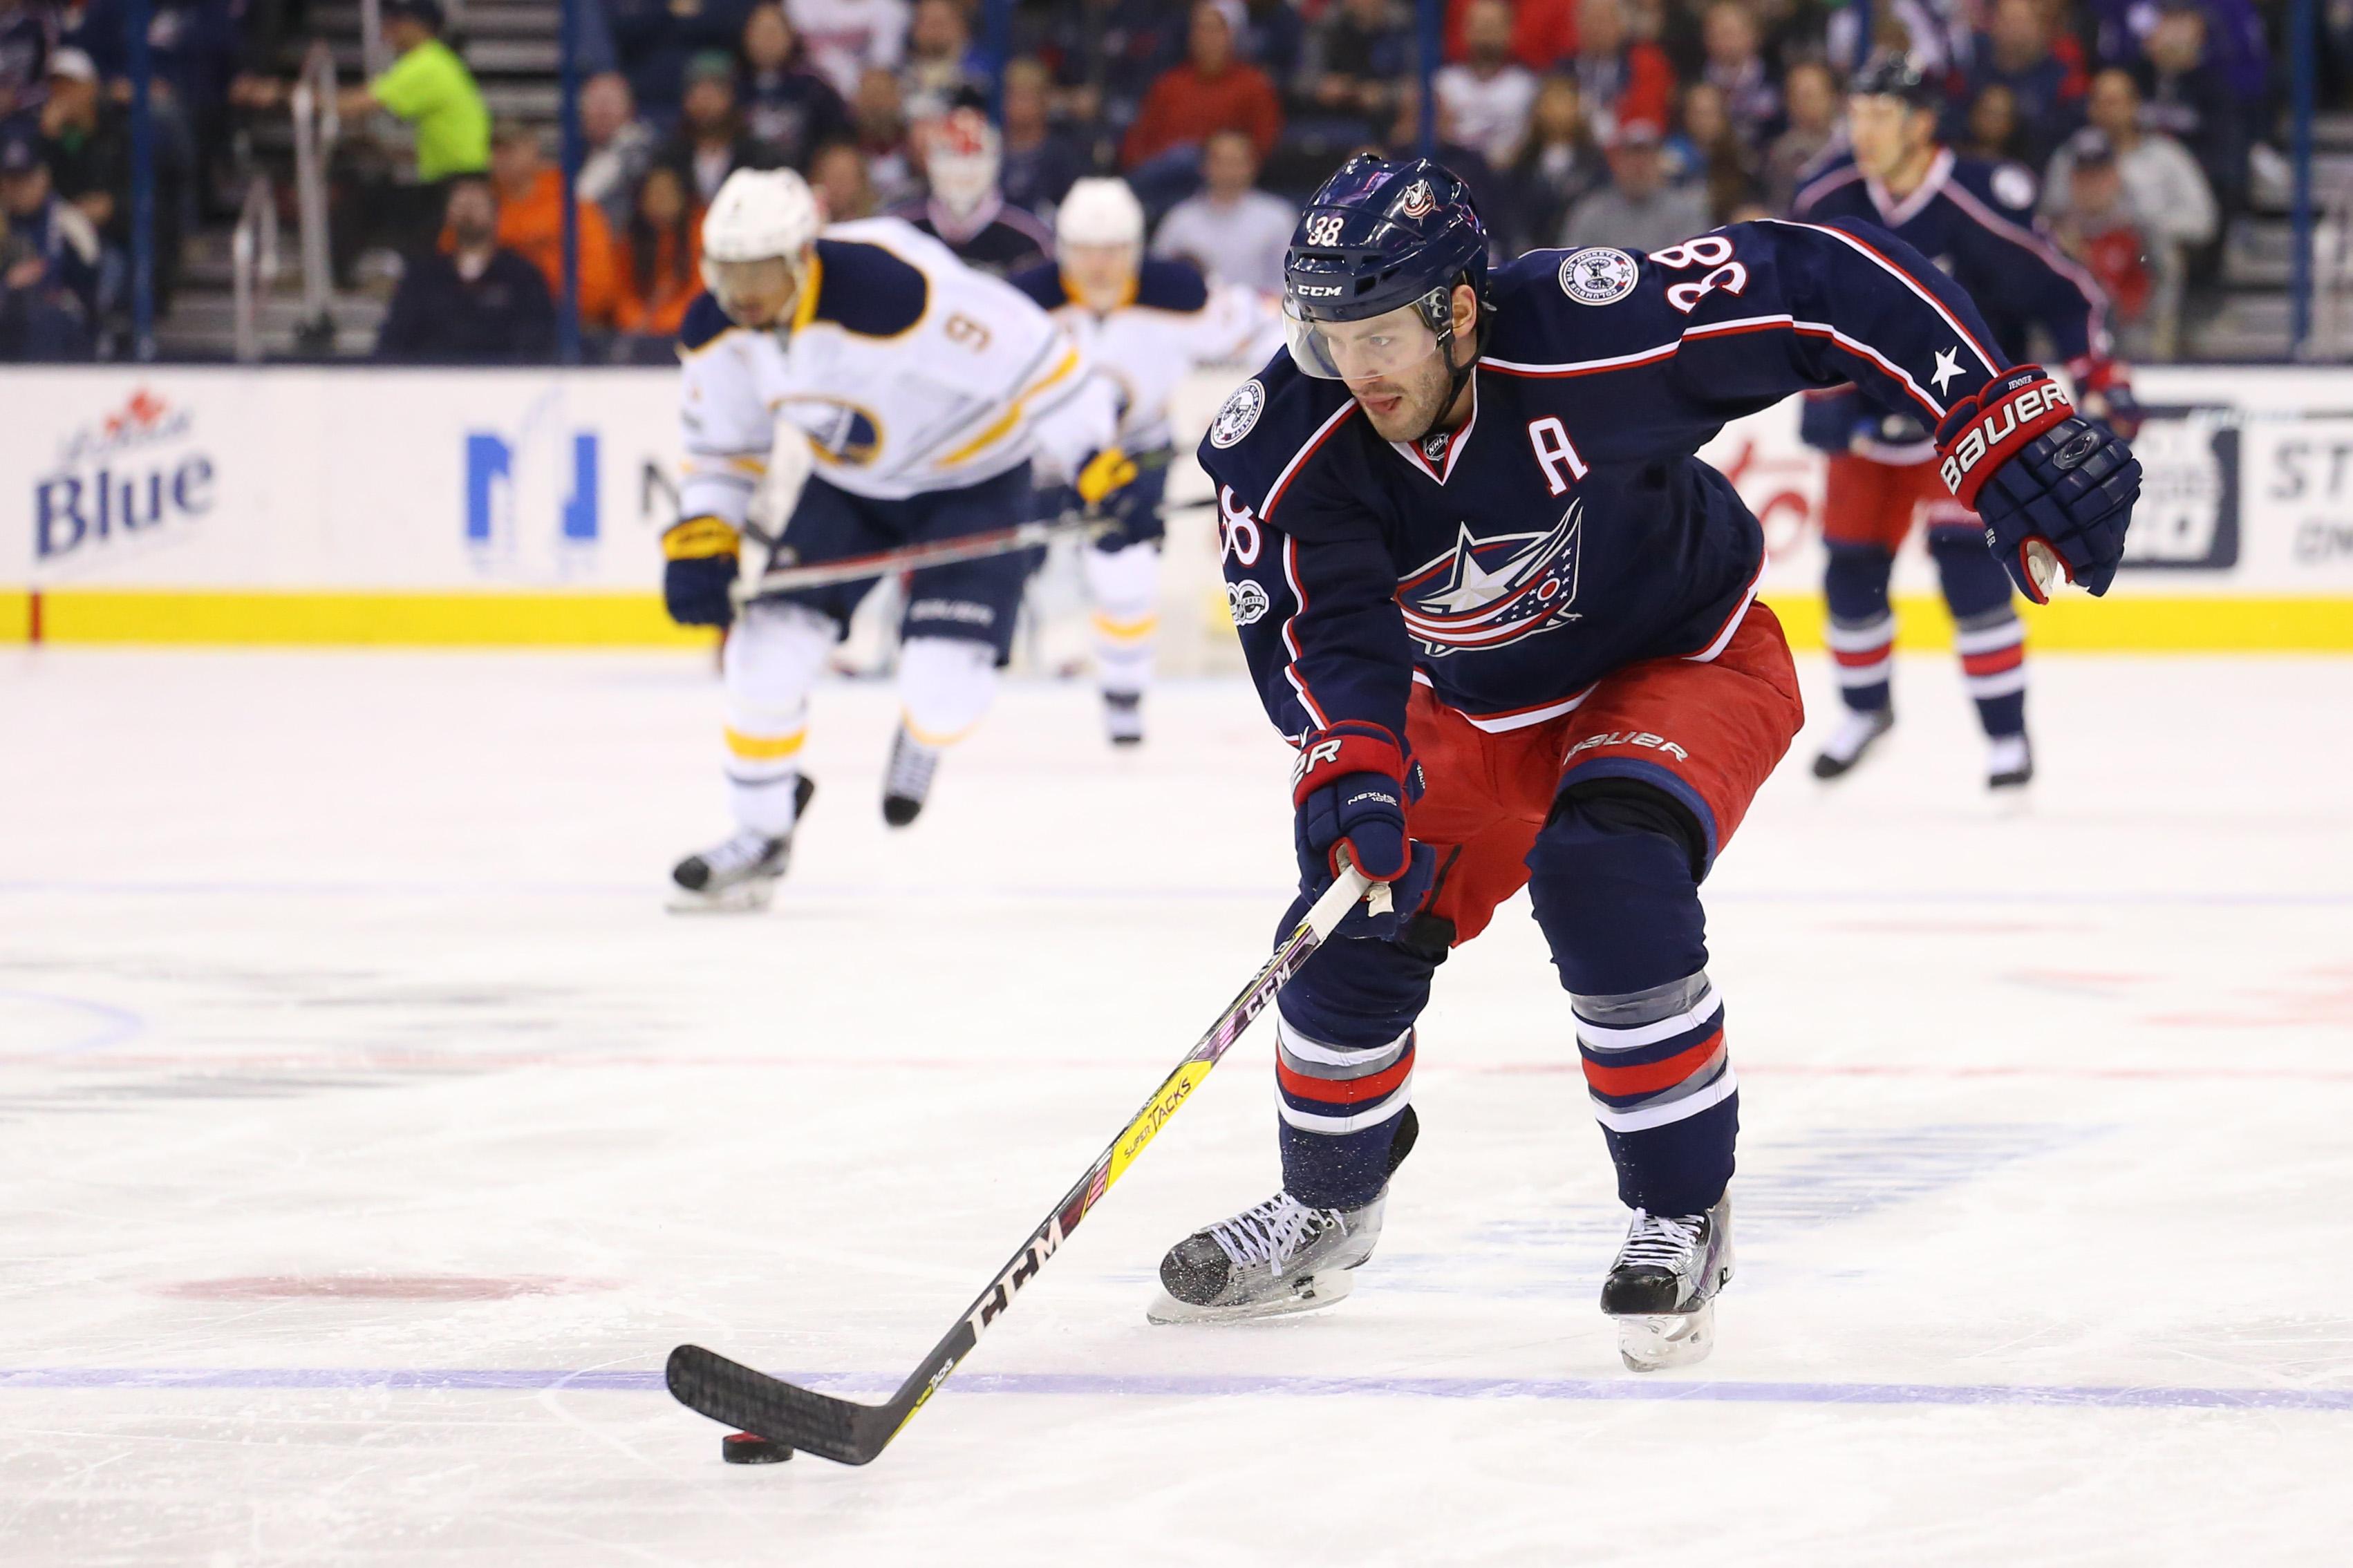 NHL: Buffalo Sabres at Columbus Blue Jackets